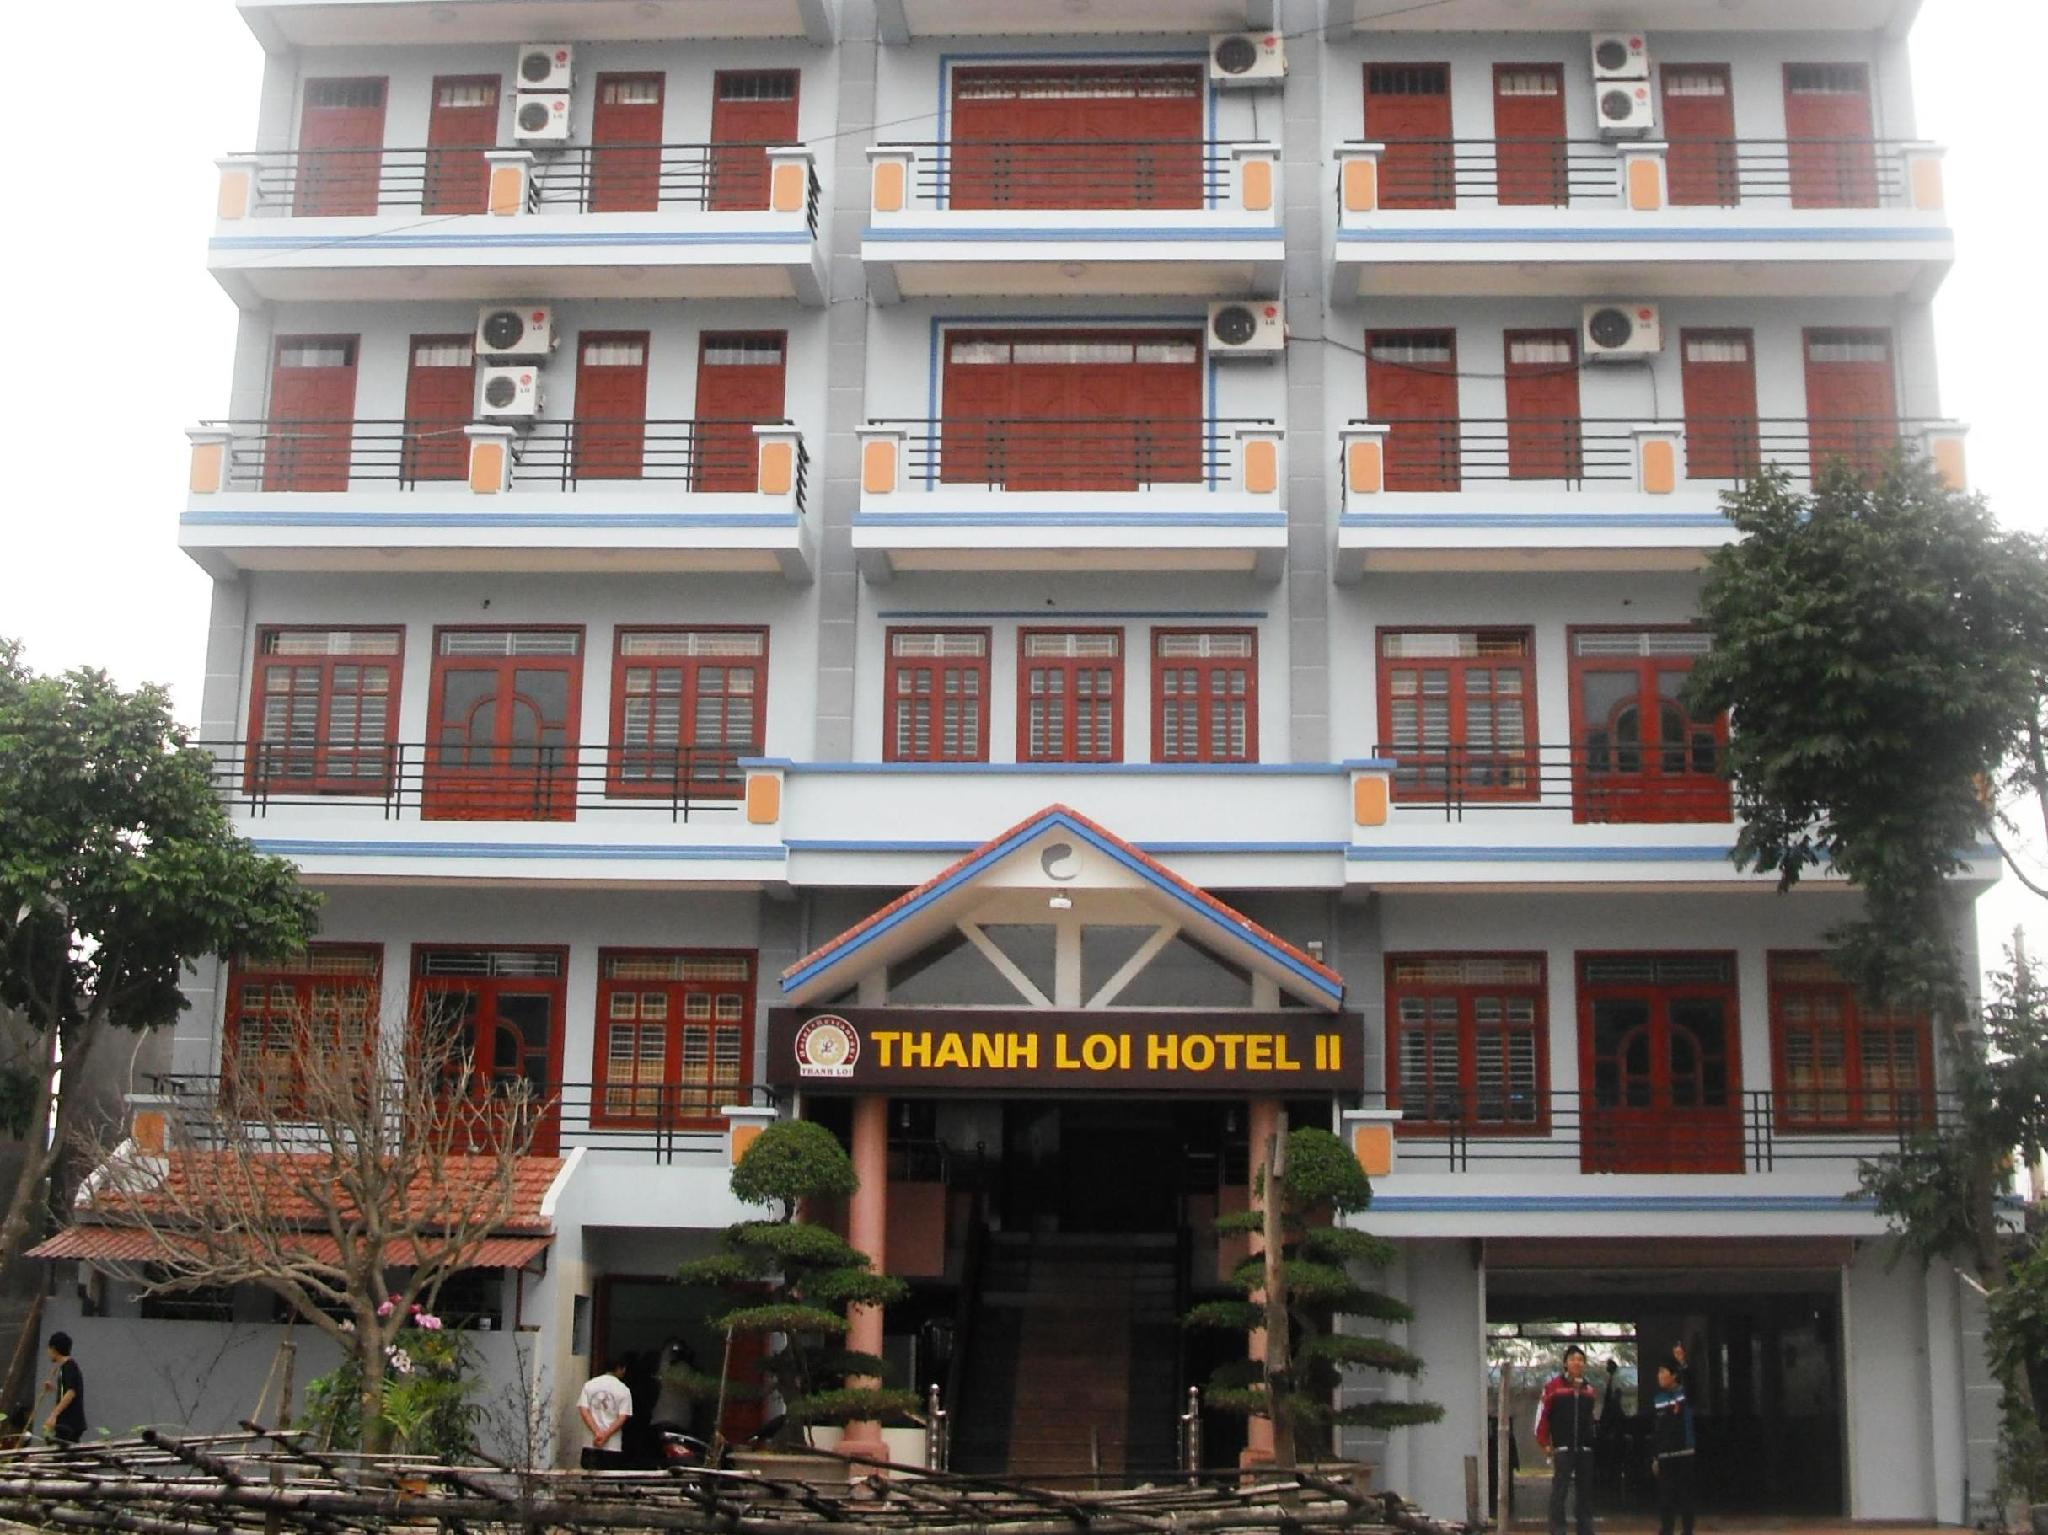 Thanh Loi Hotel 2 - Hotell och Boende i Vietnam , Ninh Binh